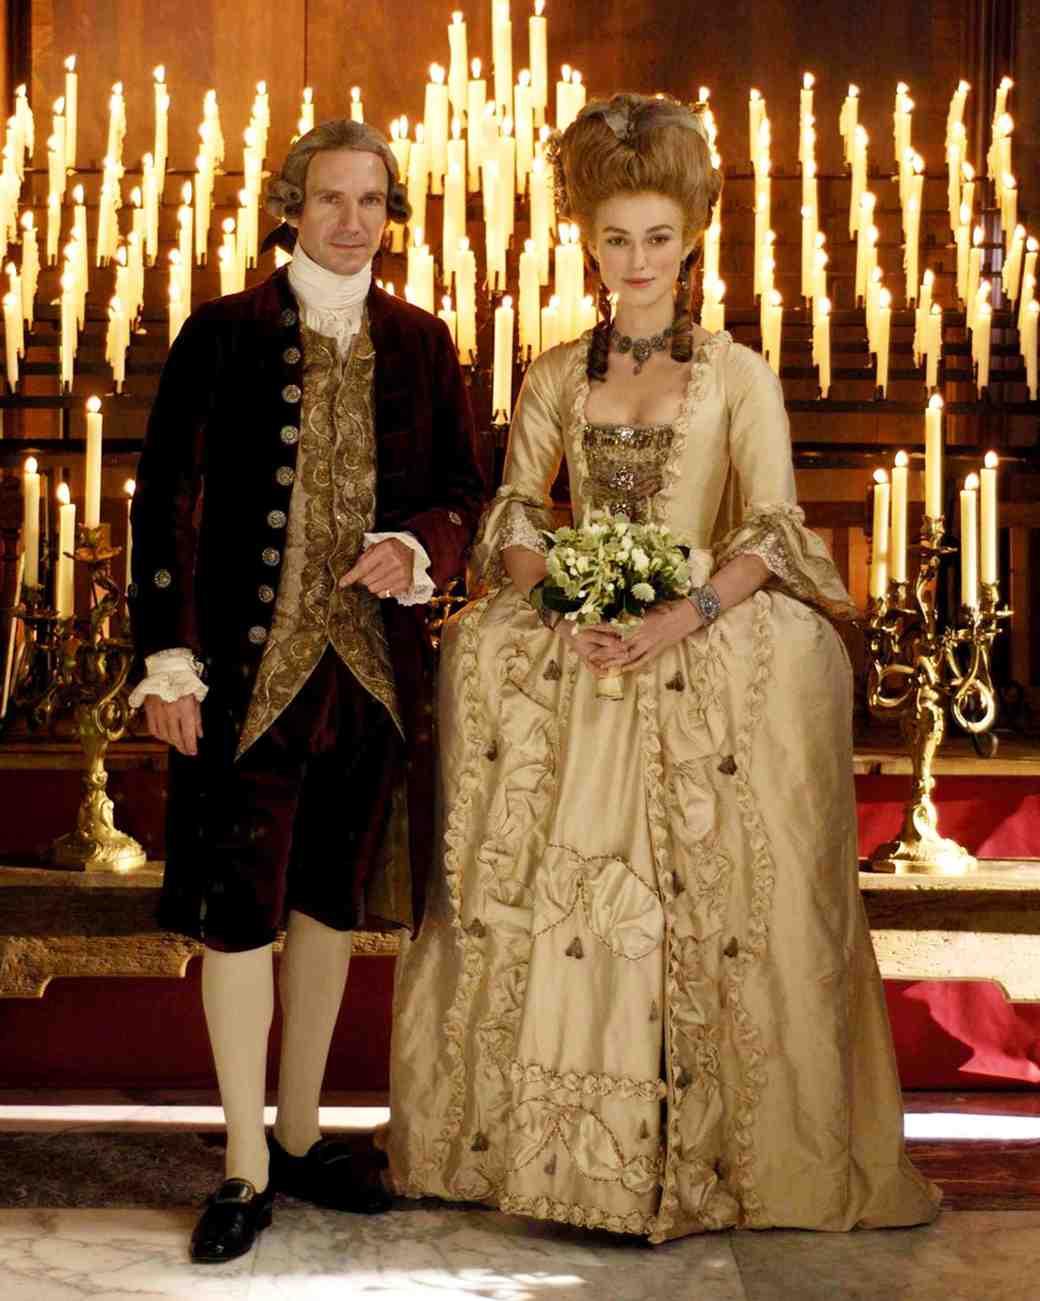 the-dutchess-wedding-dress-0515